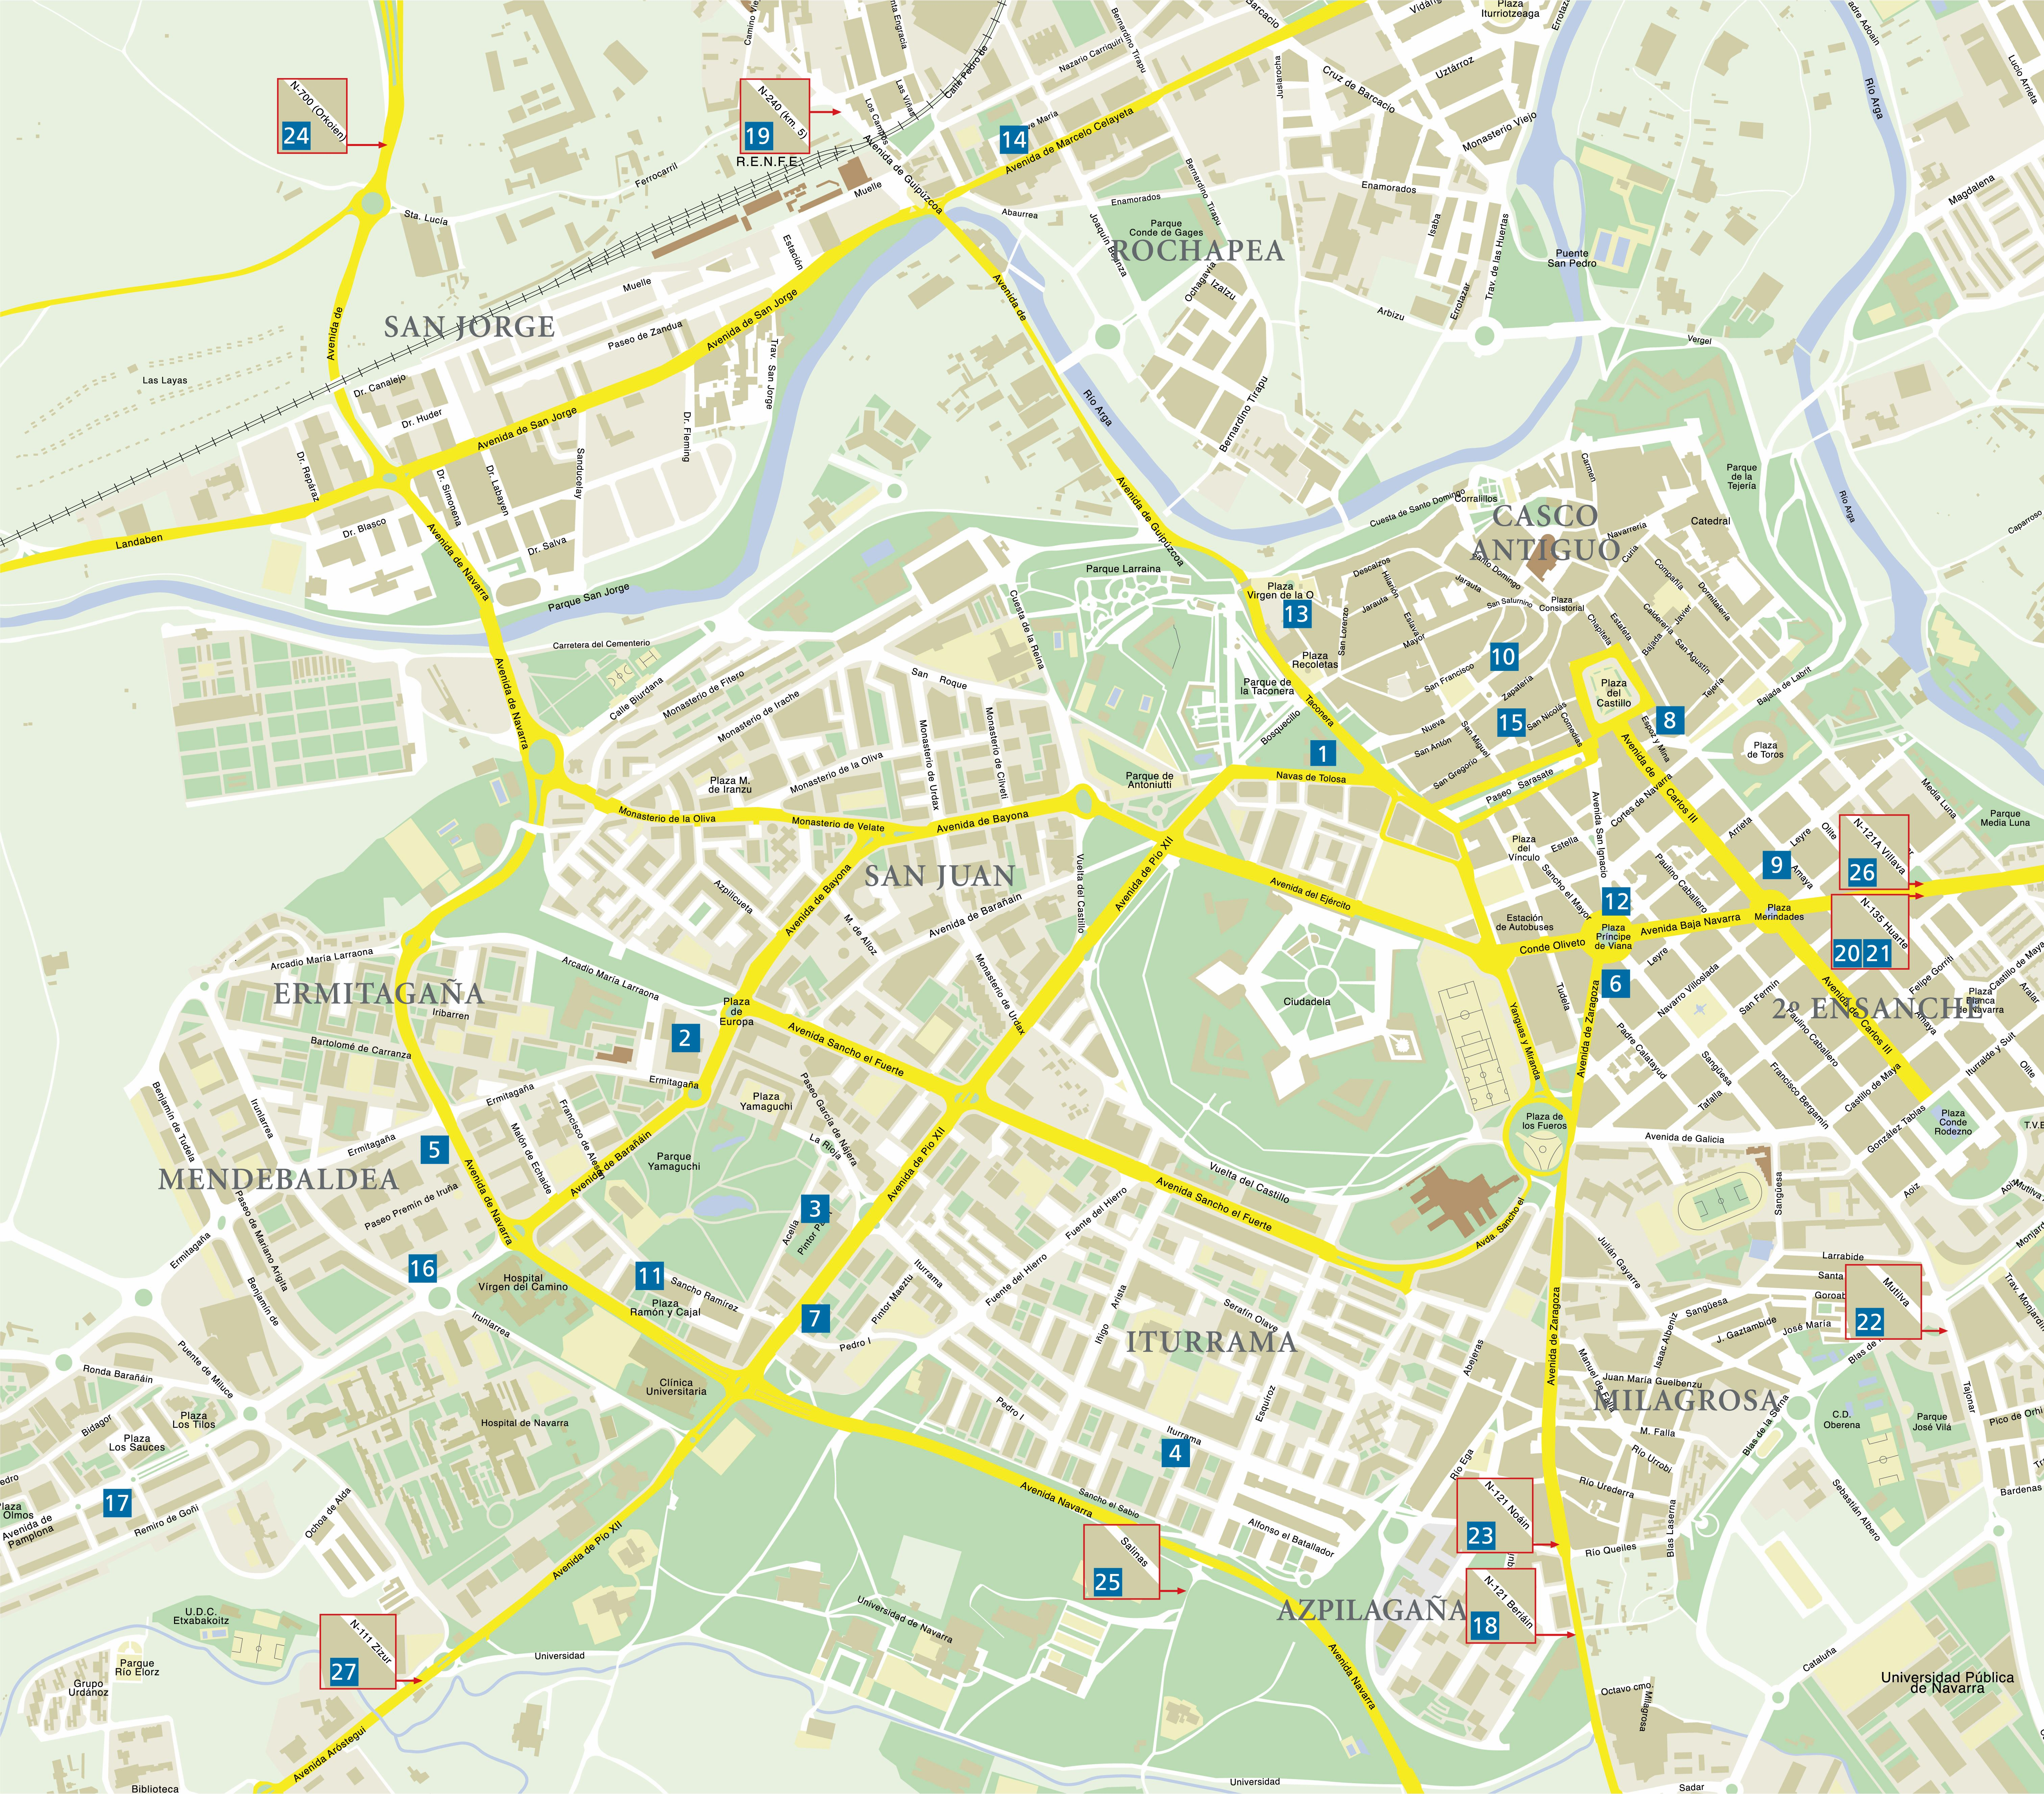 pamplona mapa Pamplona   plan de la ciudad   Mapas imprimidos de Pamplona  pamplona mapa